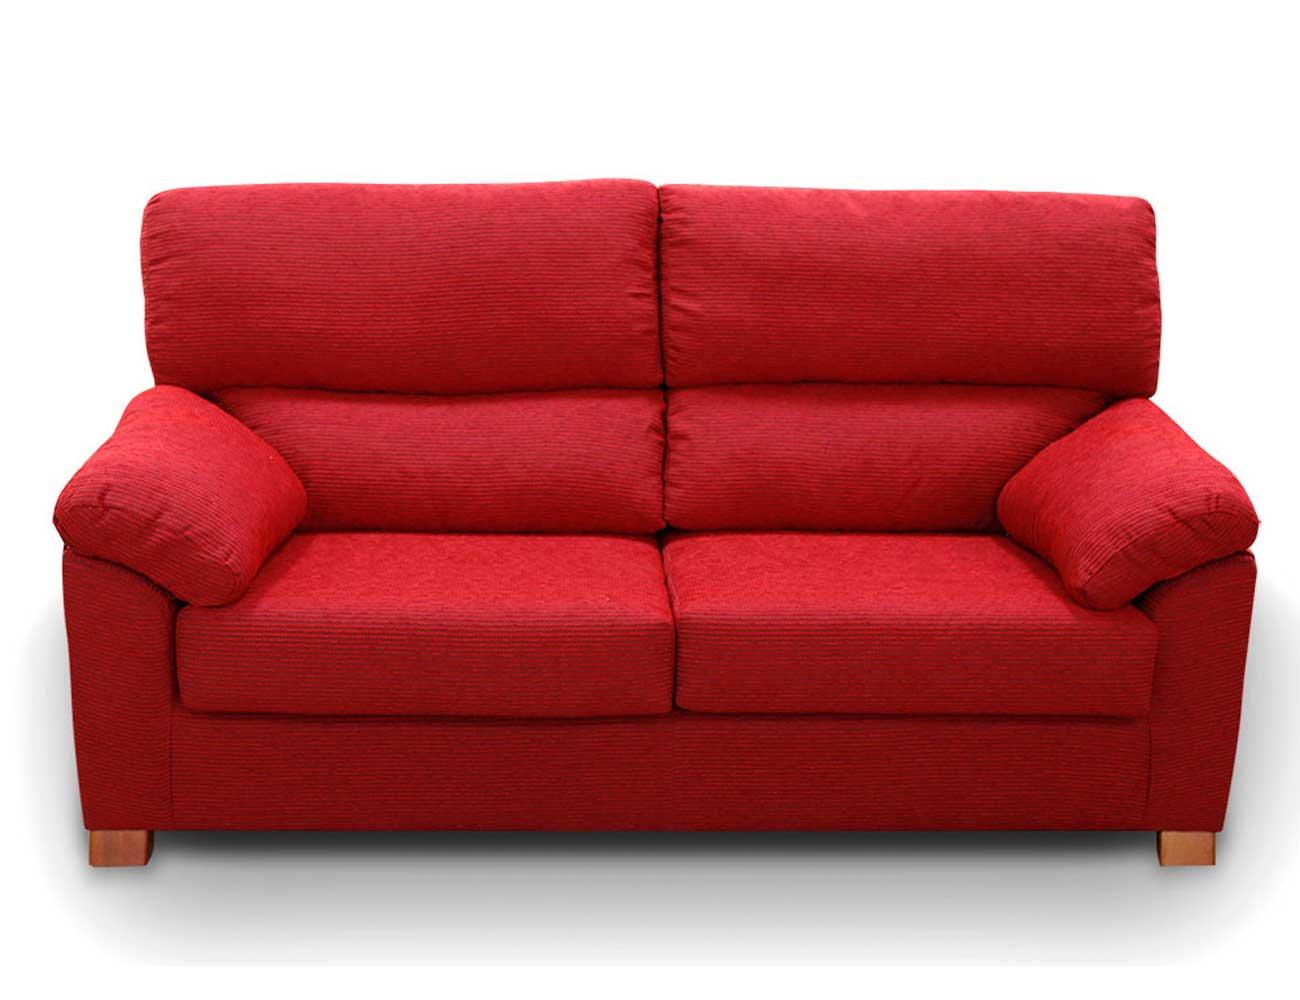 Sofa barato 3 plazas rojo16